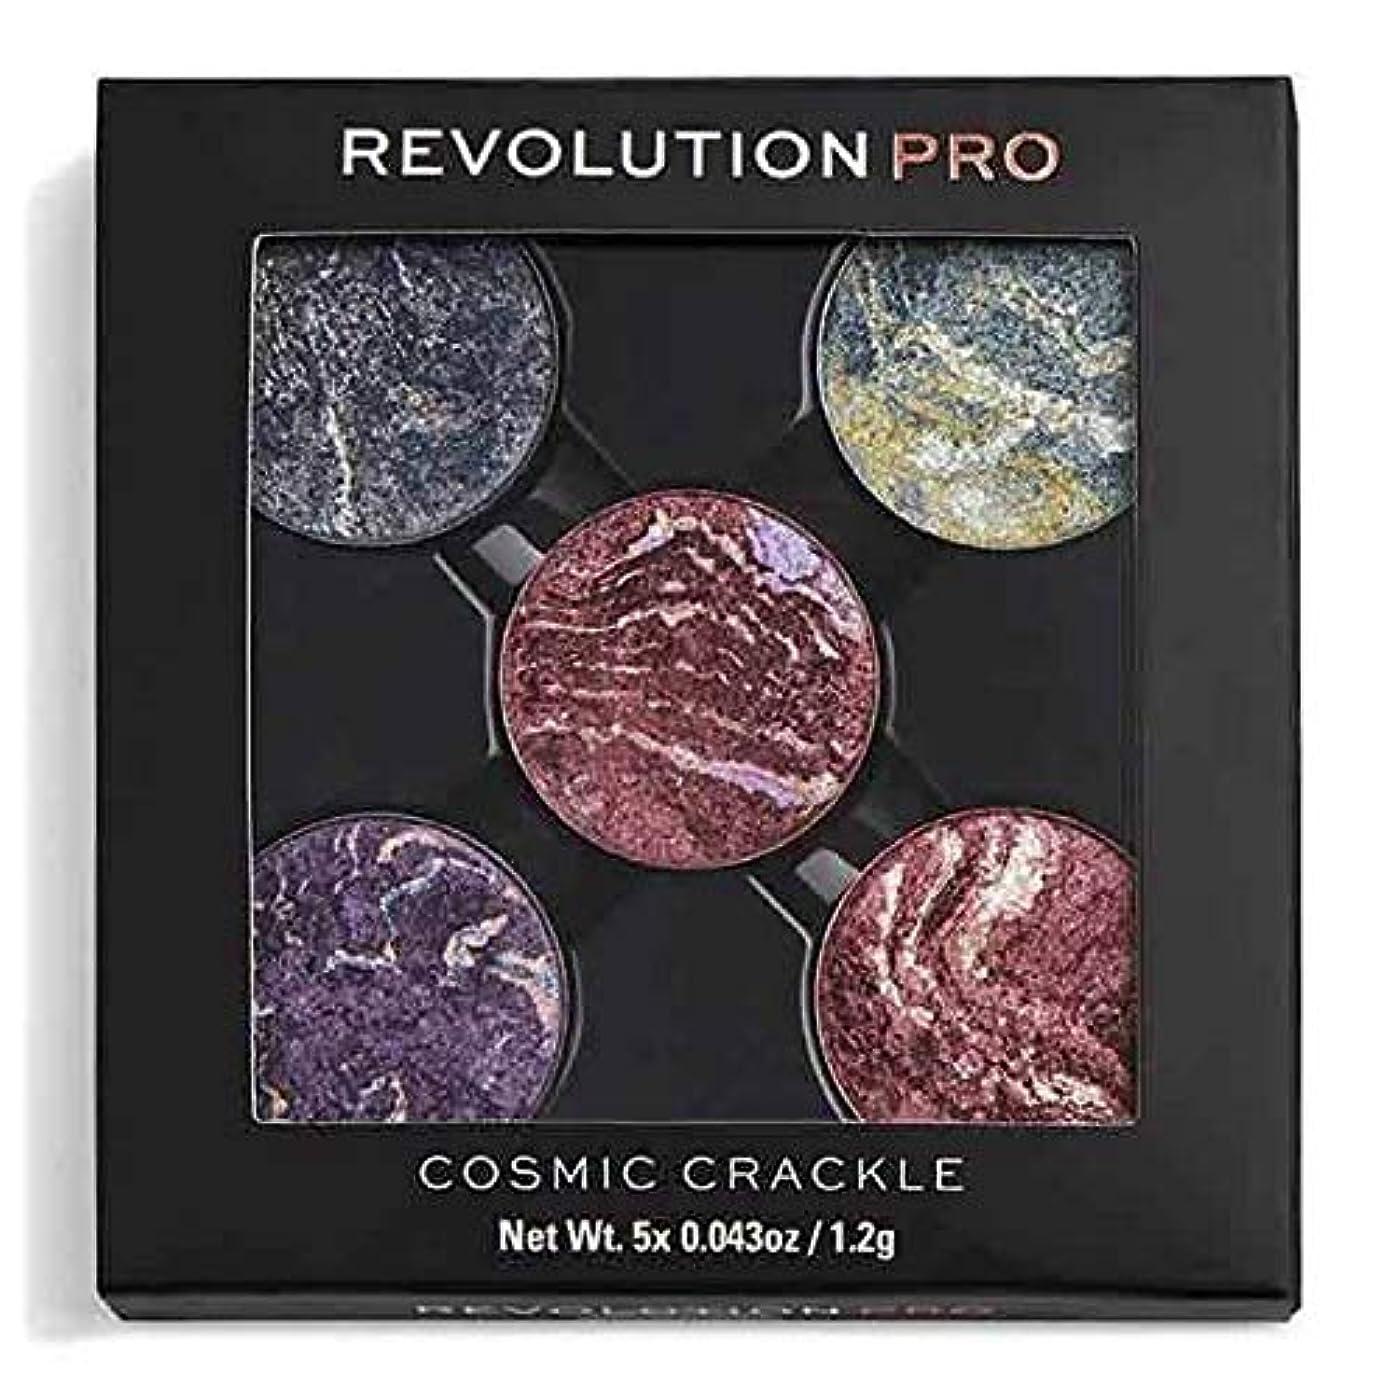 村動機付ける推進力[Revolution ] 革命プロリフィルアイシャドウは、宇宙クラックルをパック - Revolution Pro Refill Eyeshadow Pack Cosmic Crackle [並行輸入品]